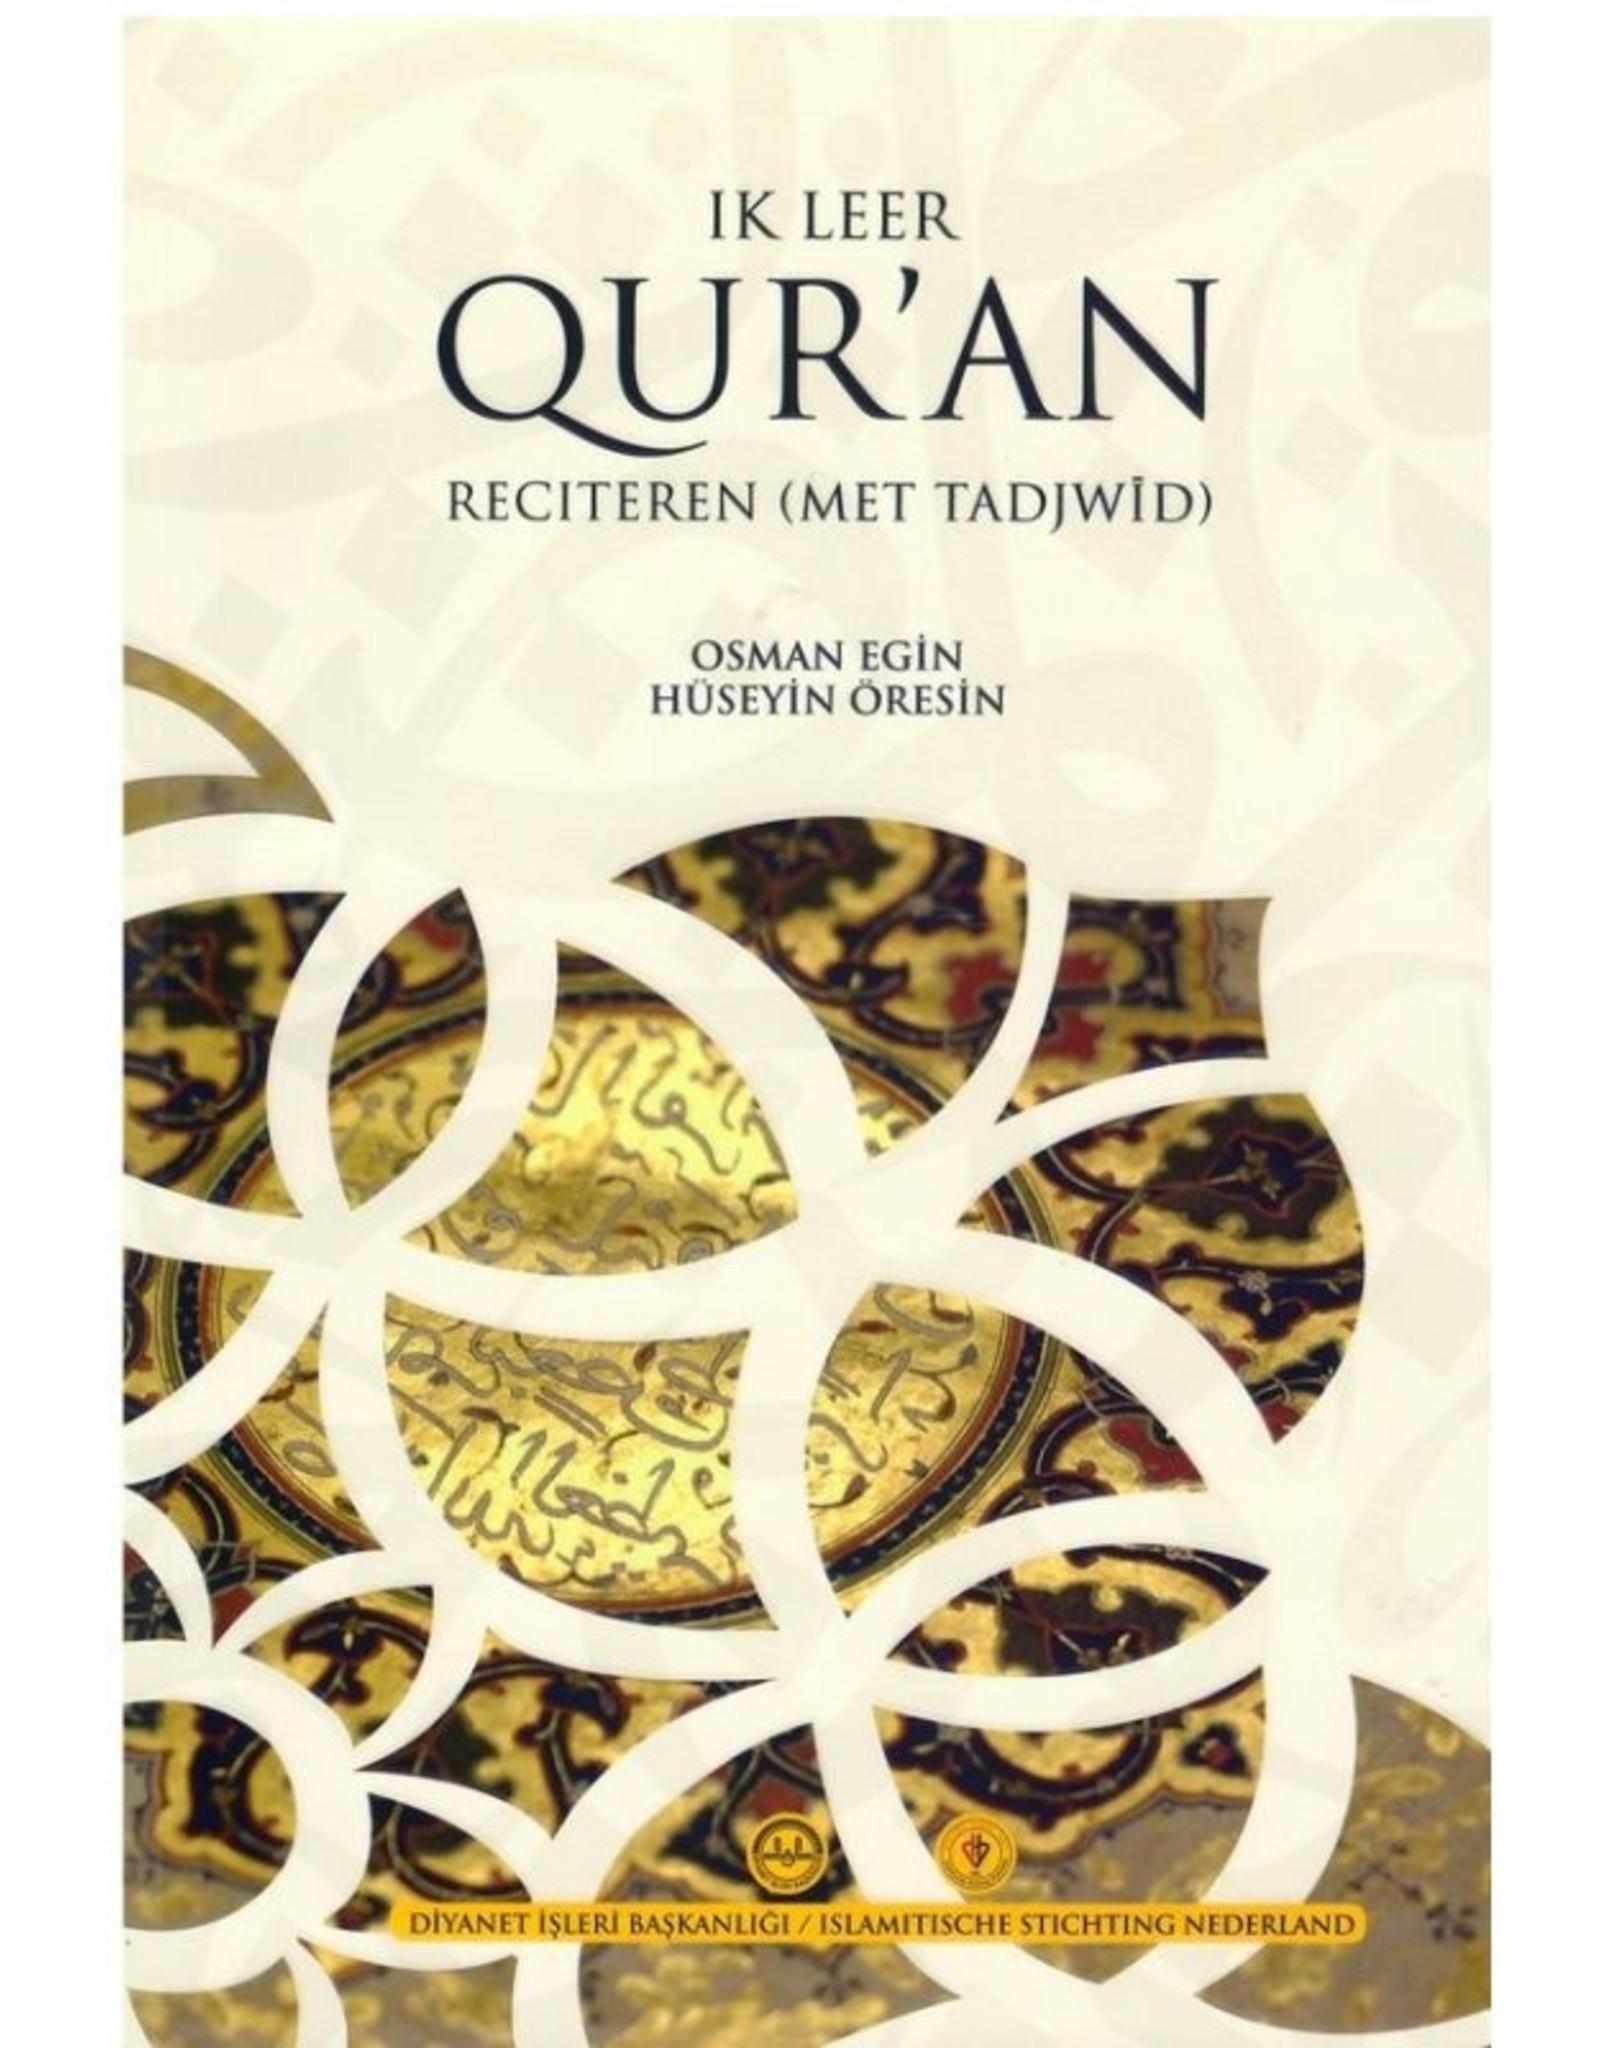 Ik leer Quran Reciteren (met tadjwid)